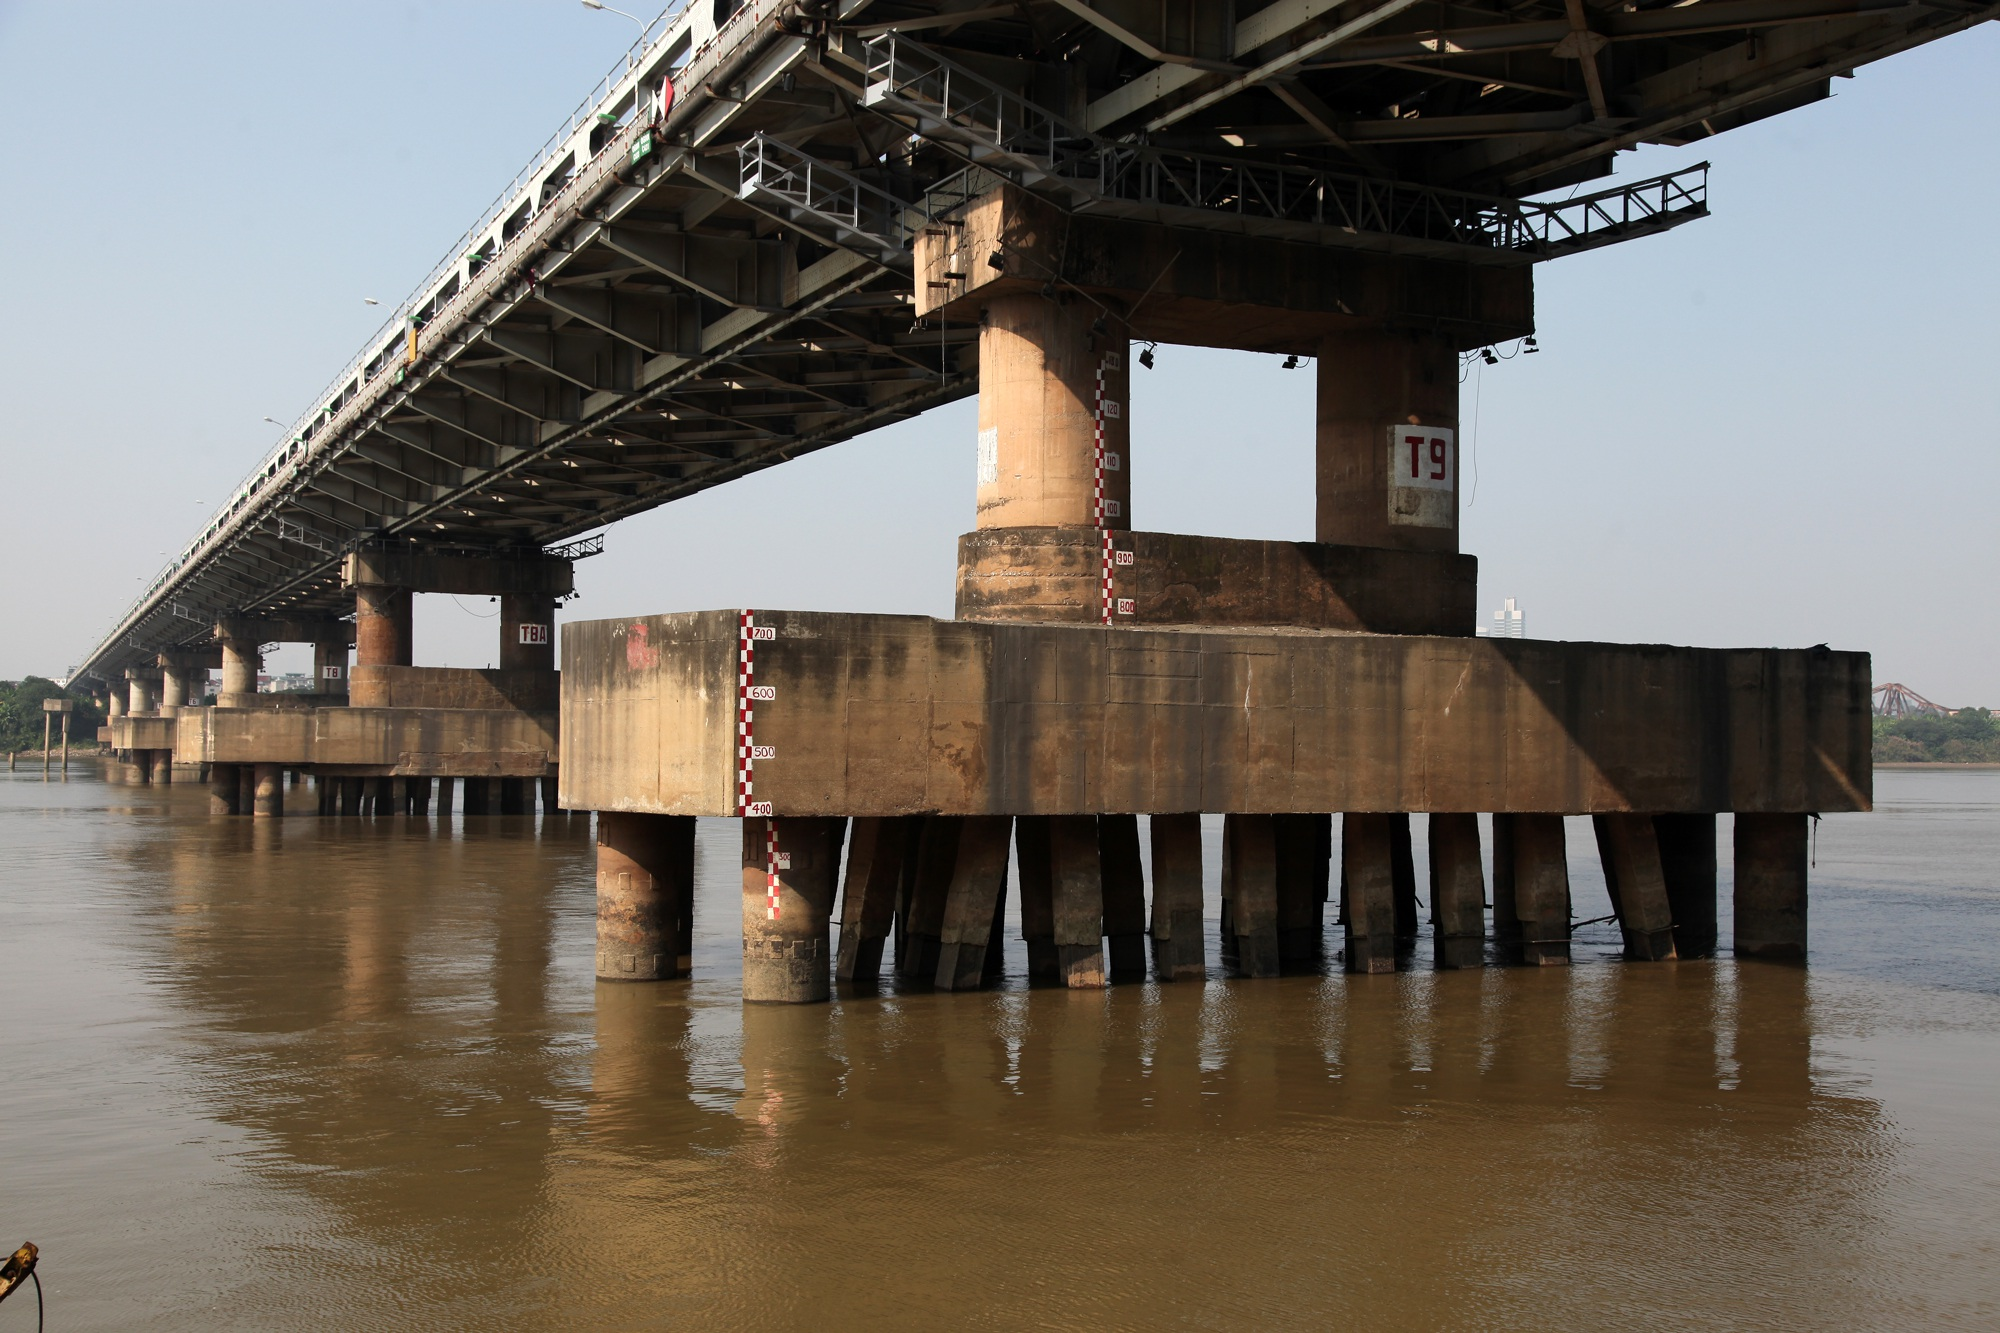 Toàn cảnh 6 cây cầu huyết mạch bắc qua sông Hồng - 8